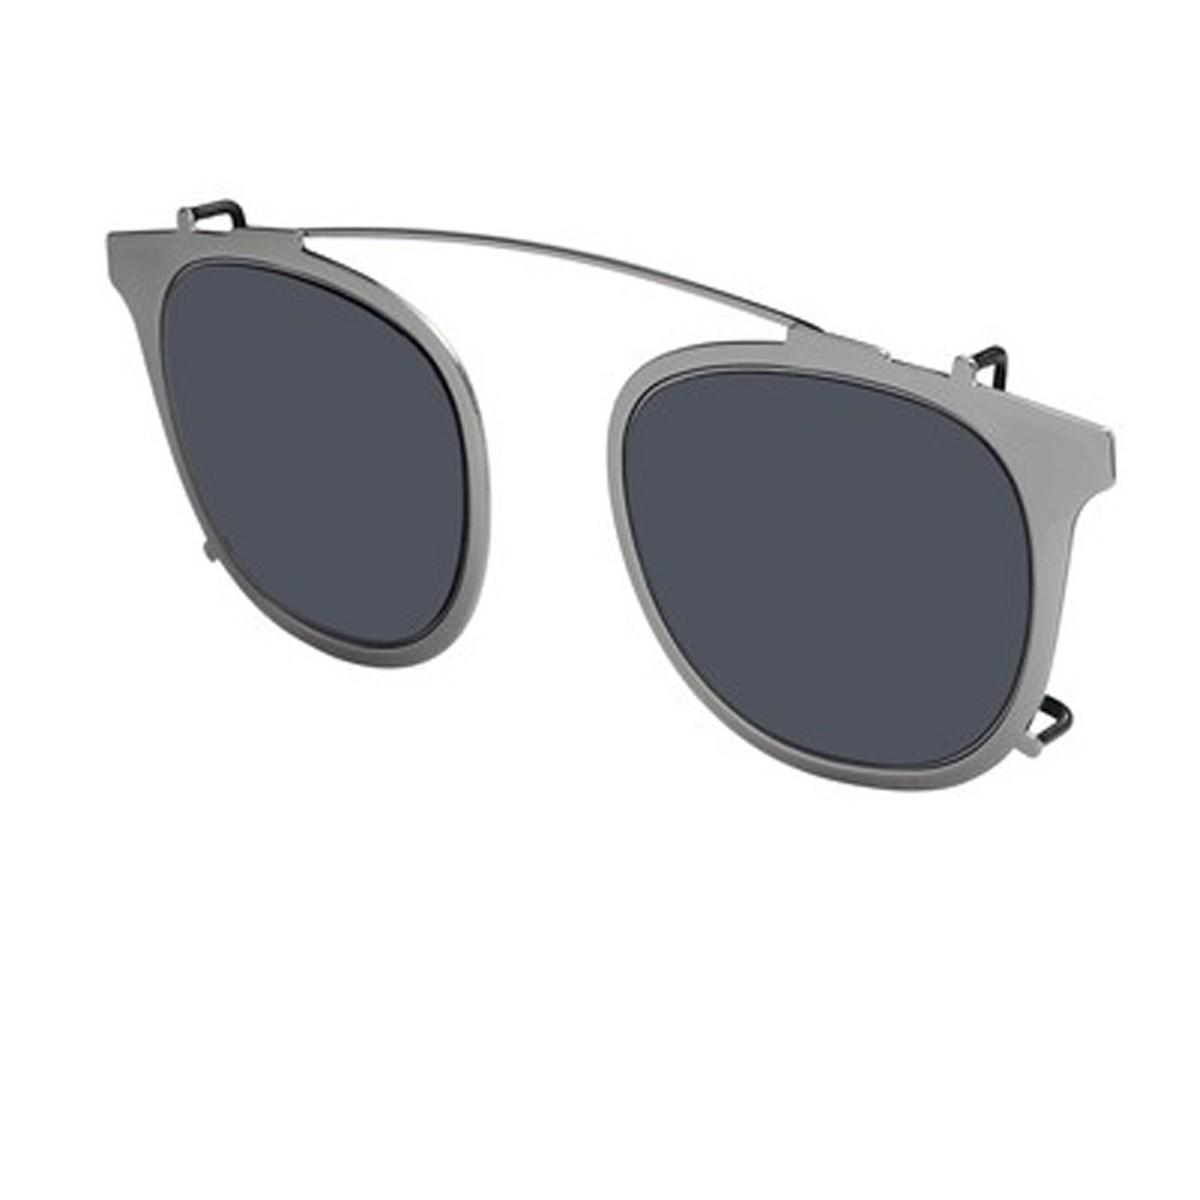 Dior Blacktie 238 Clip | Occhiali da sole Uomo